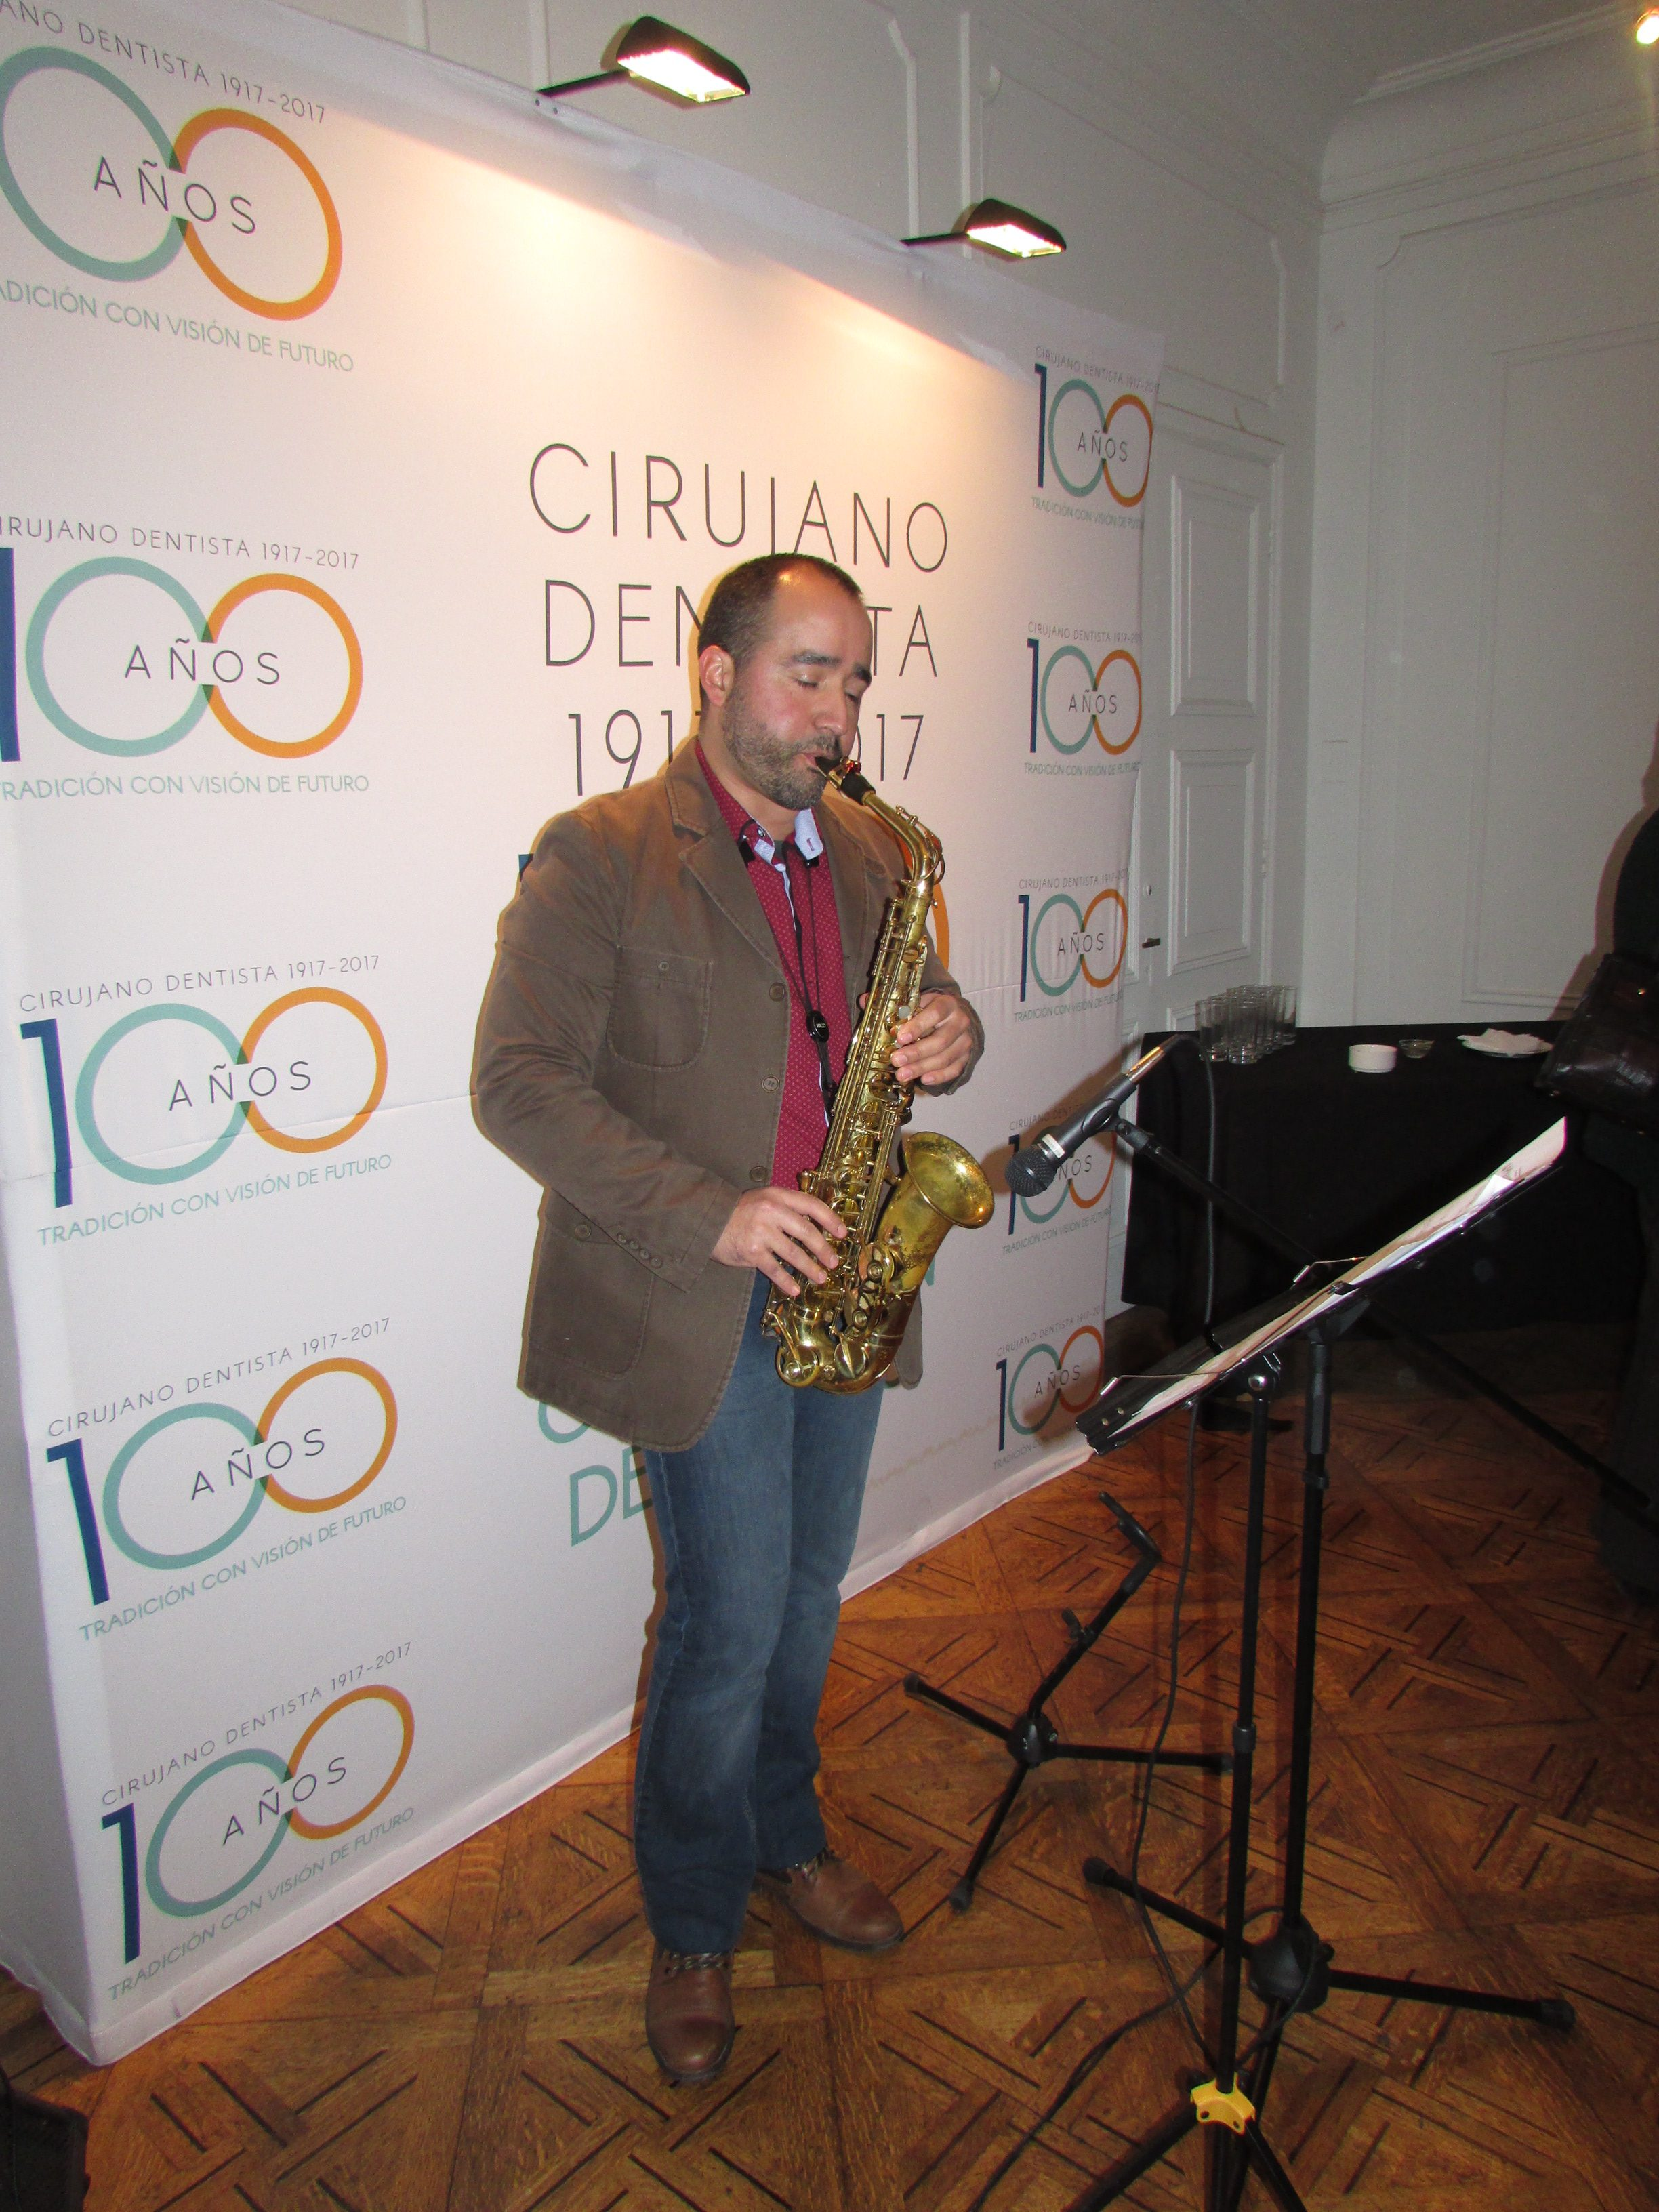 Doctor Mauricio Parra dando el toque musical con su saxofón